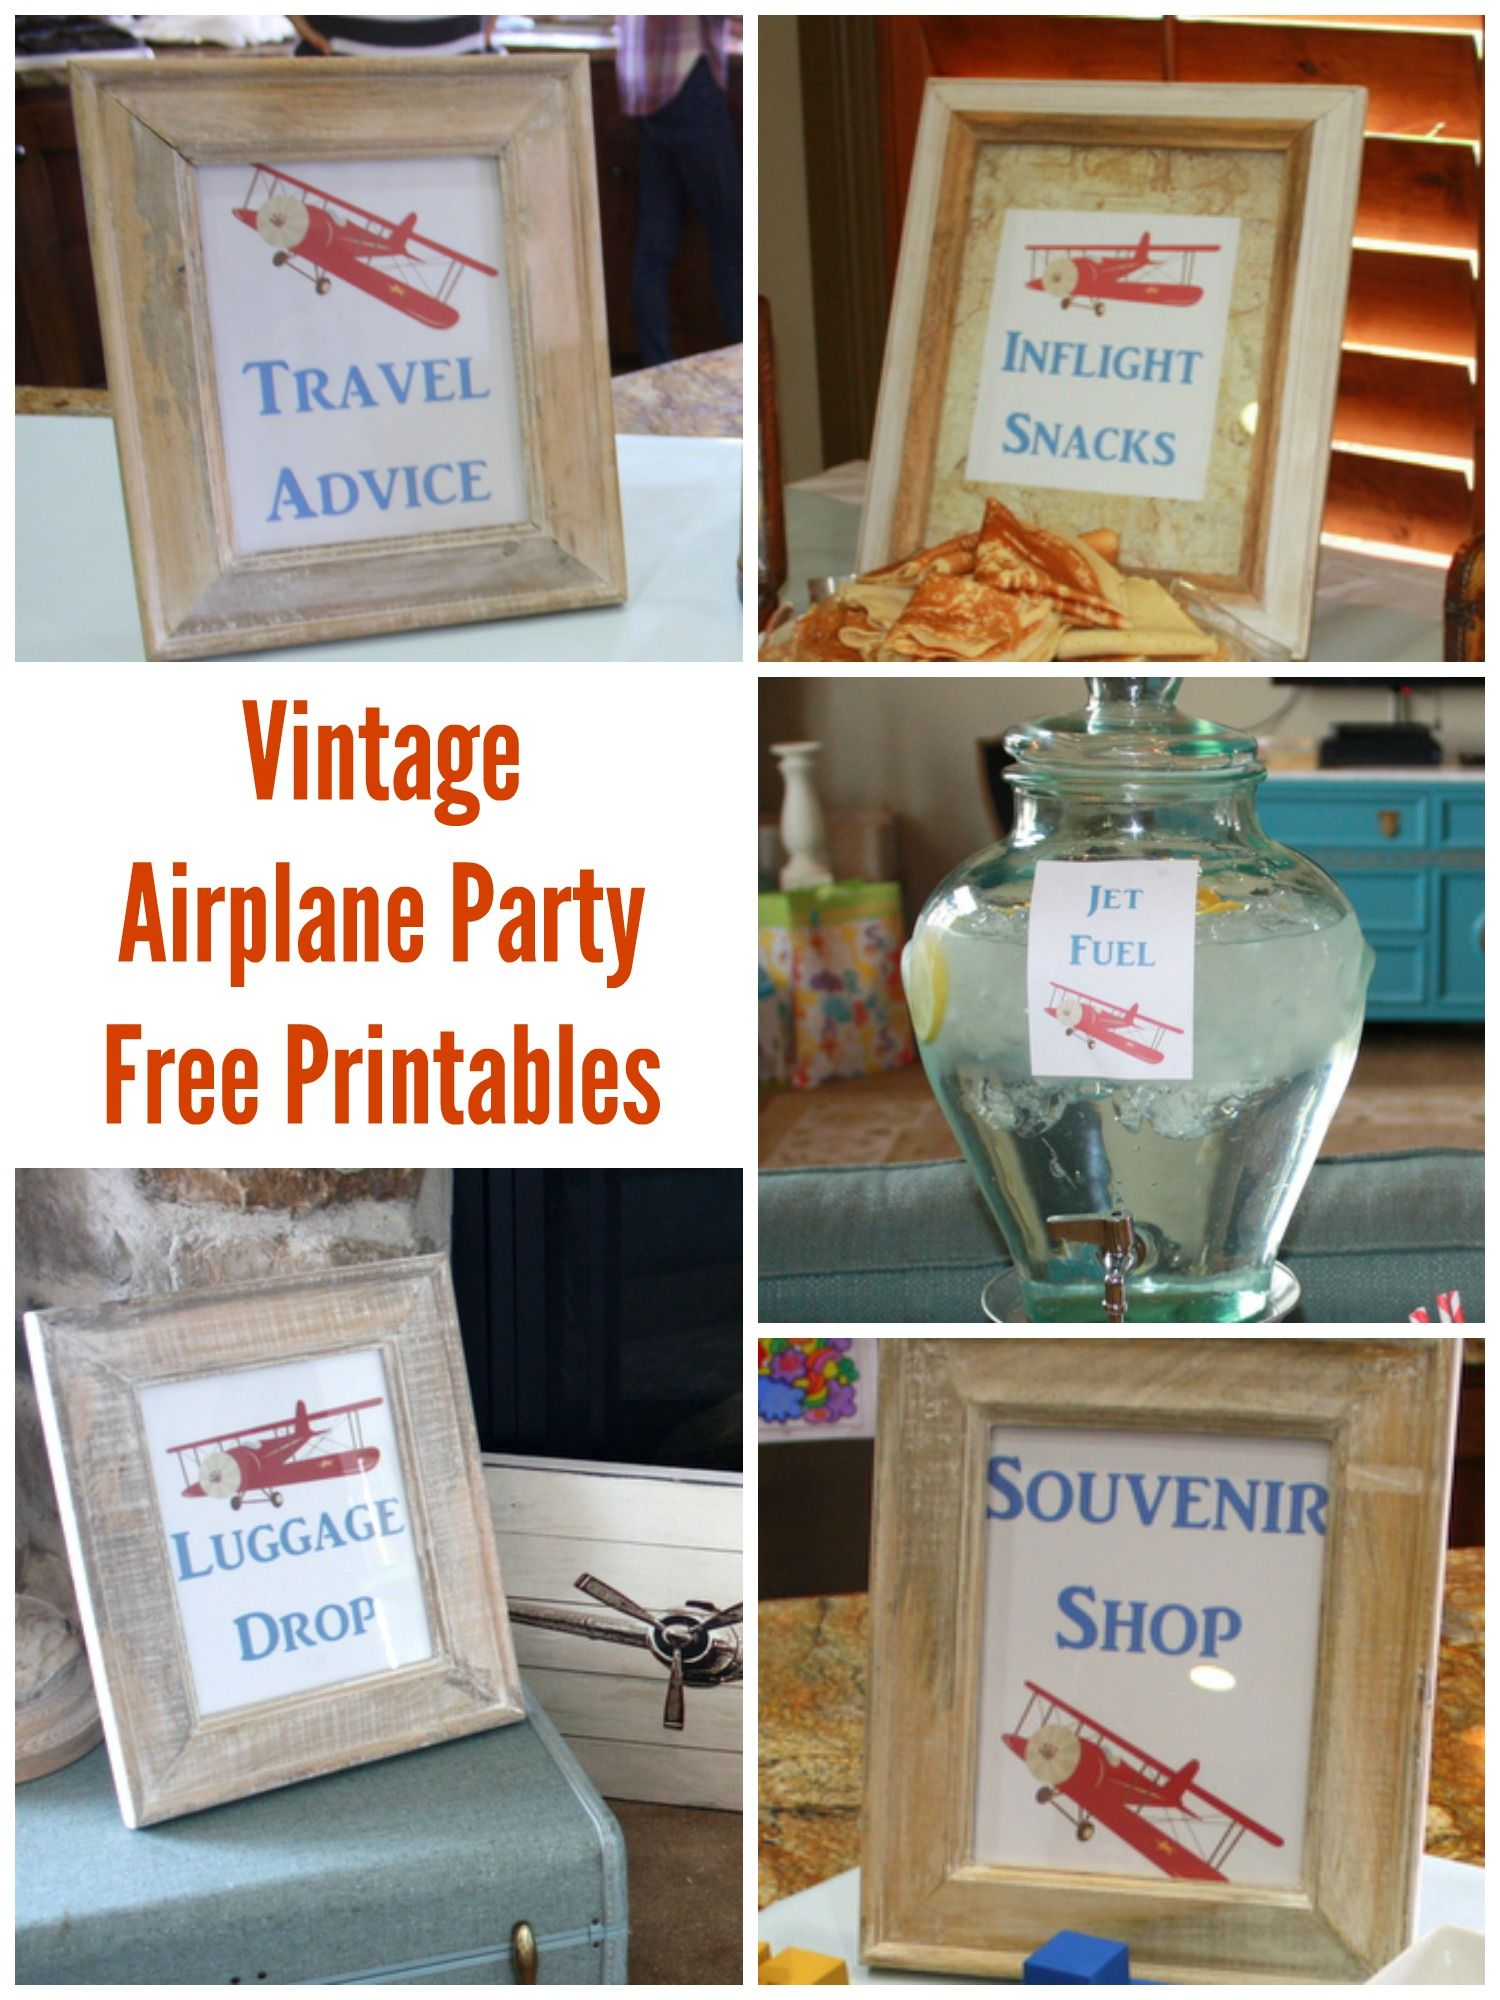 Vintage Airplane Shower Printables eventstocelebrate